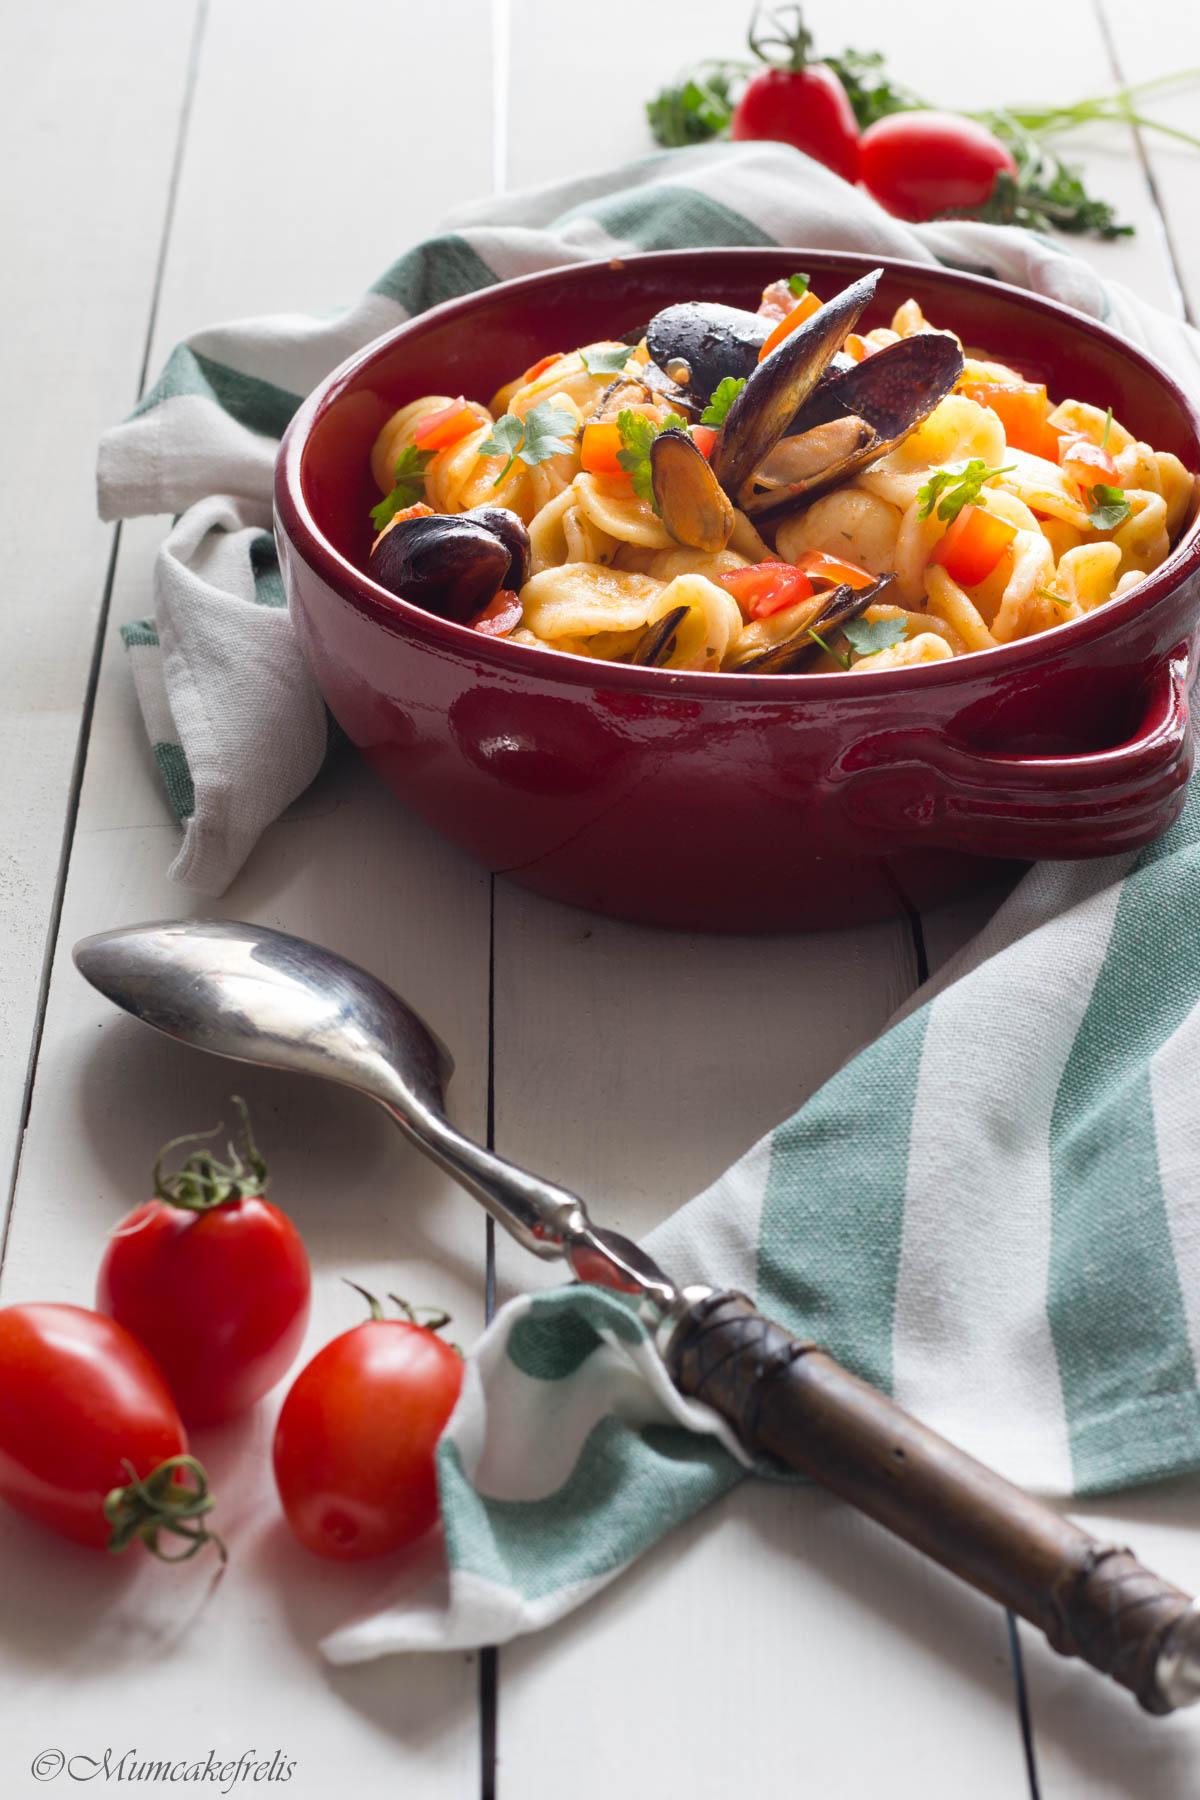 pasta con le cozze e vongole, come fare la pasta con cozze e vongole, pasta con cozze sgusciate surgelate